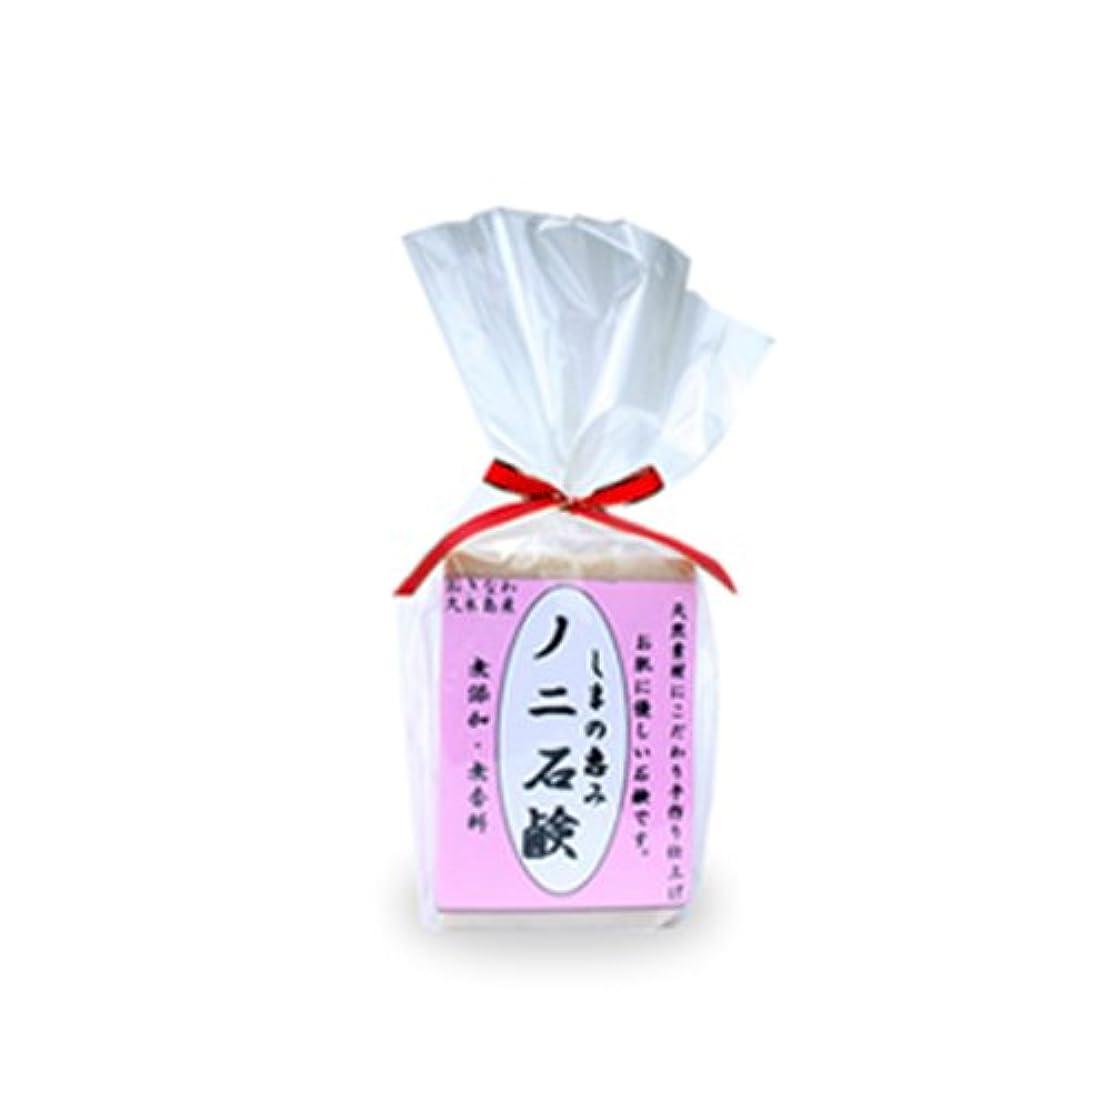 雪だるま幻想的推定ノ二石鹸×5個 久米島物産販売 沖縄の海洋深層水ミネラルとノニを配合した無添加ソープ